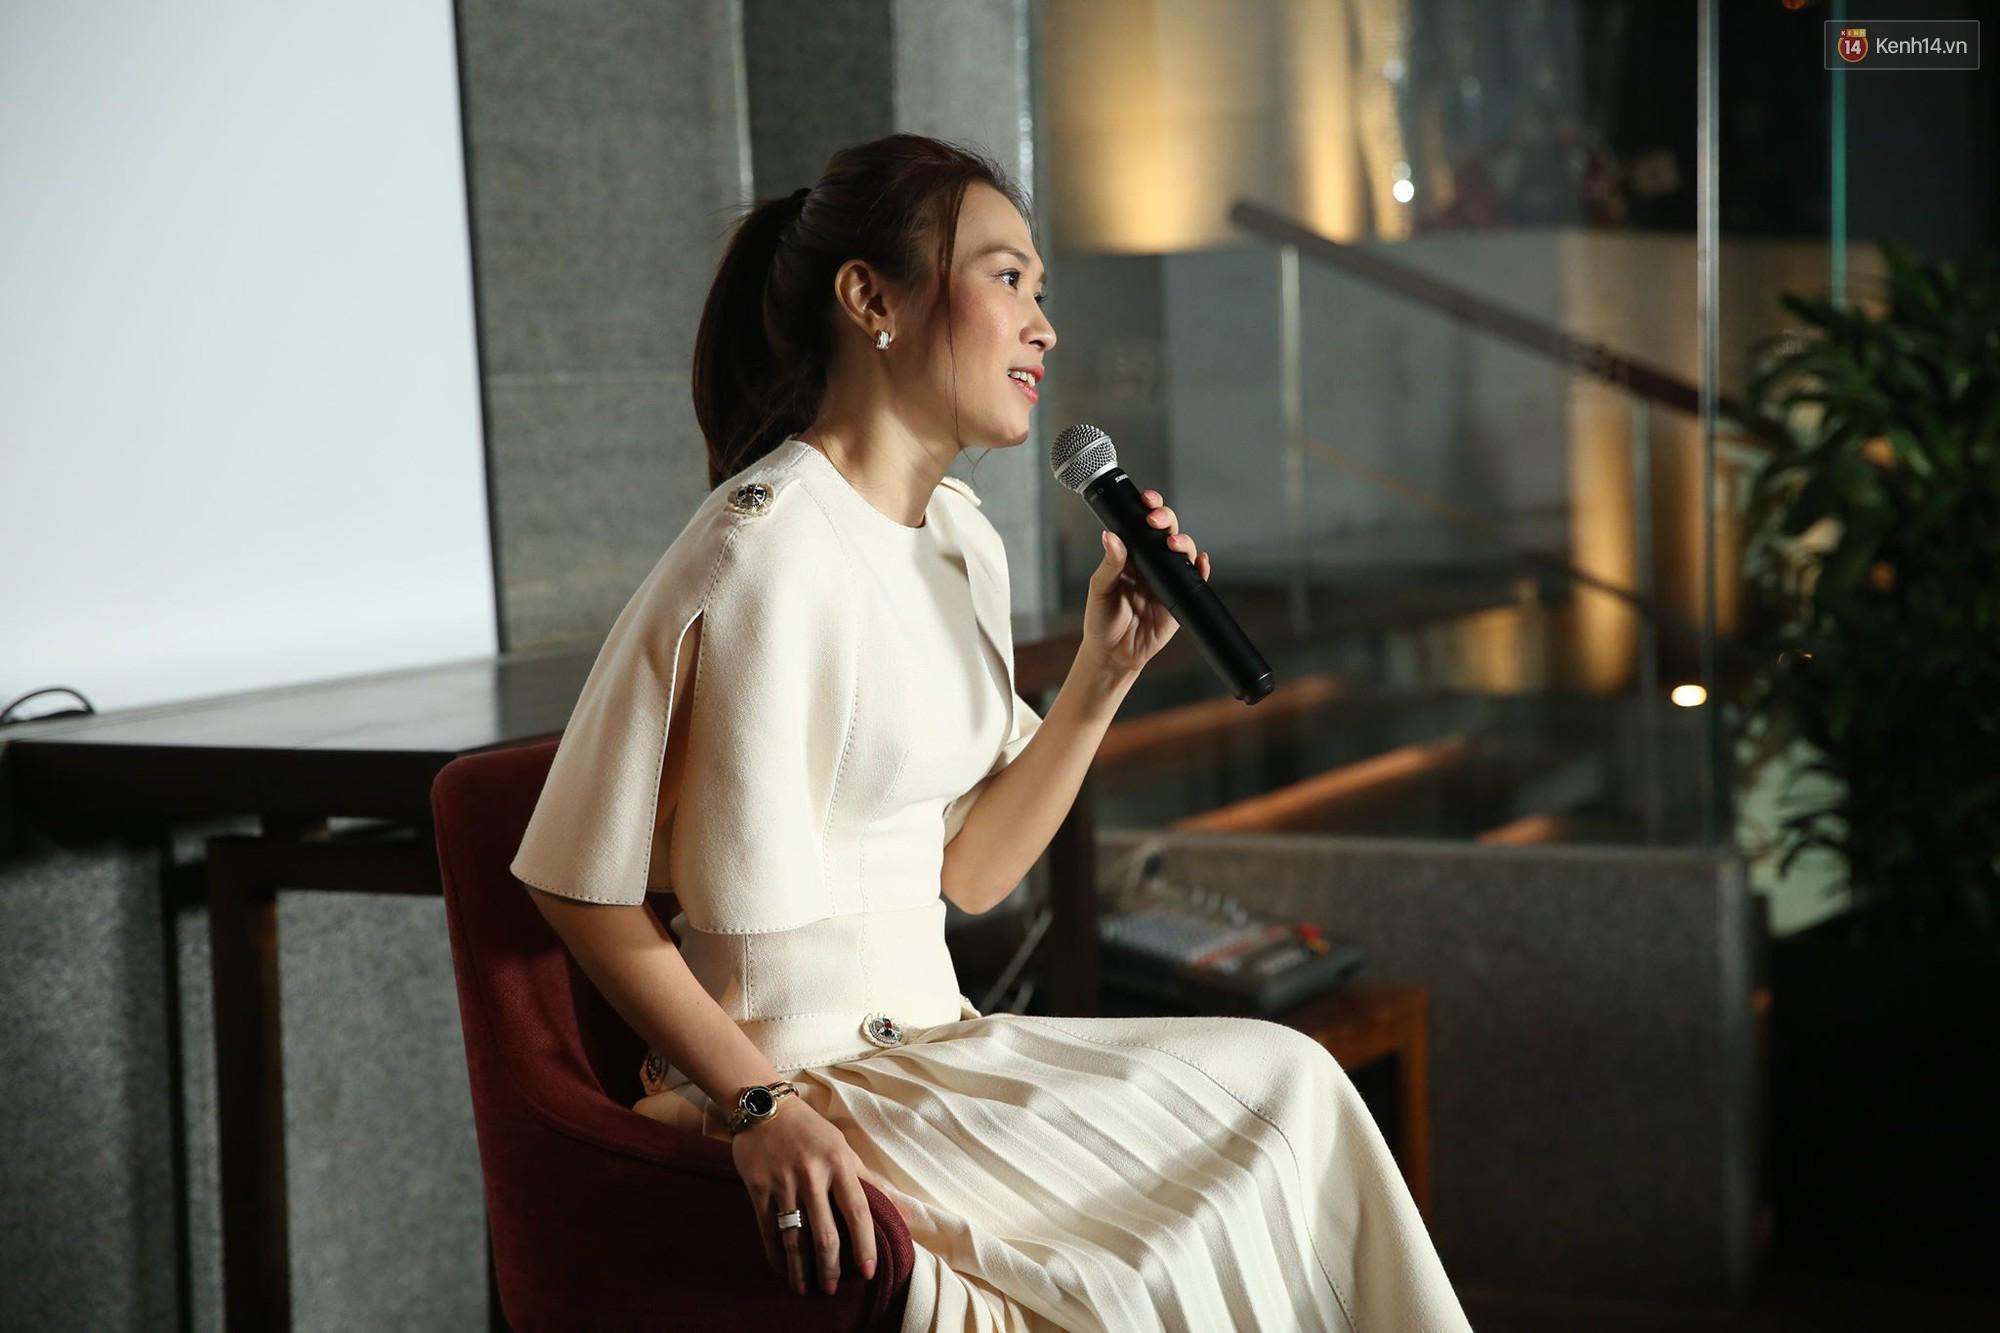 Mỹ Tâm chính thức thừa nhận mình là đạo diễn - biên kịch Mira Dương của phim đầu tay Chị Trợ Lý Của Anh - Ảnh 4.